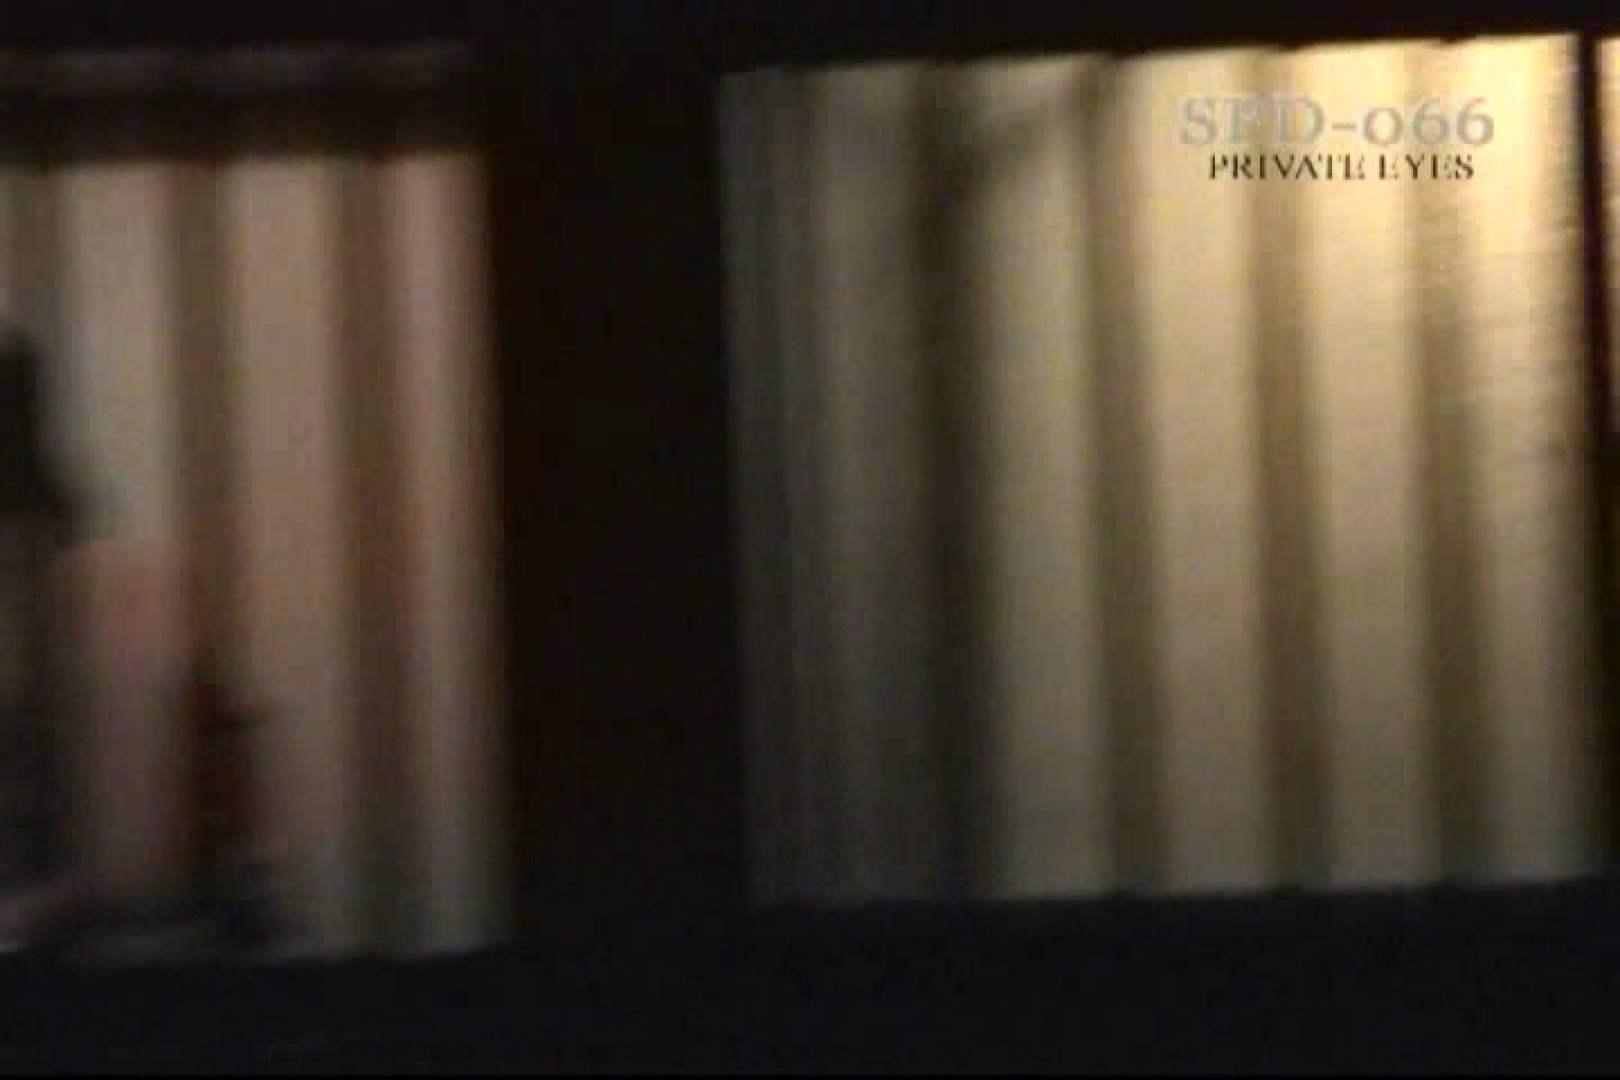 高画質版!SPD-066 3センチメートルの隙間 4 名作映像 AV無料 102PIX 68